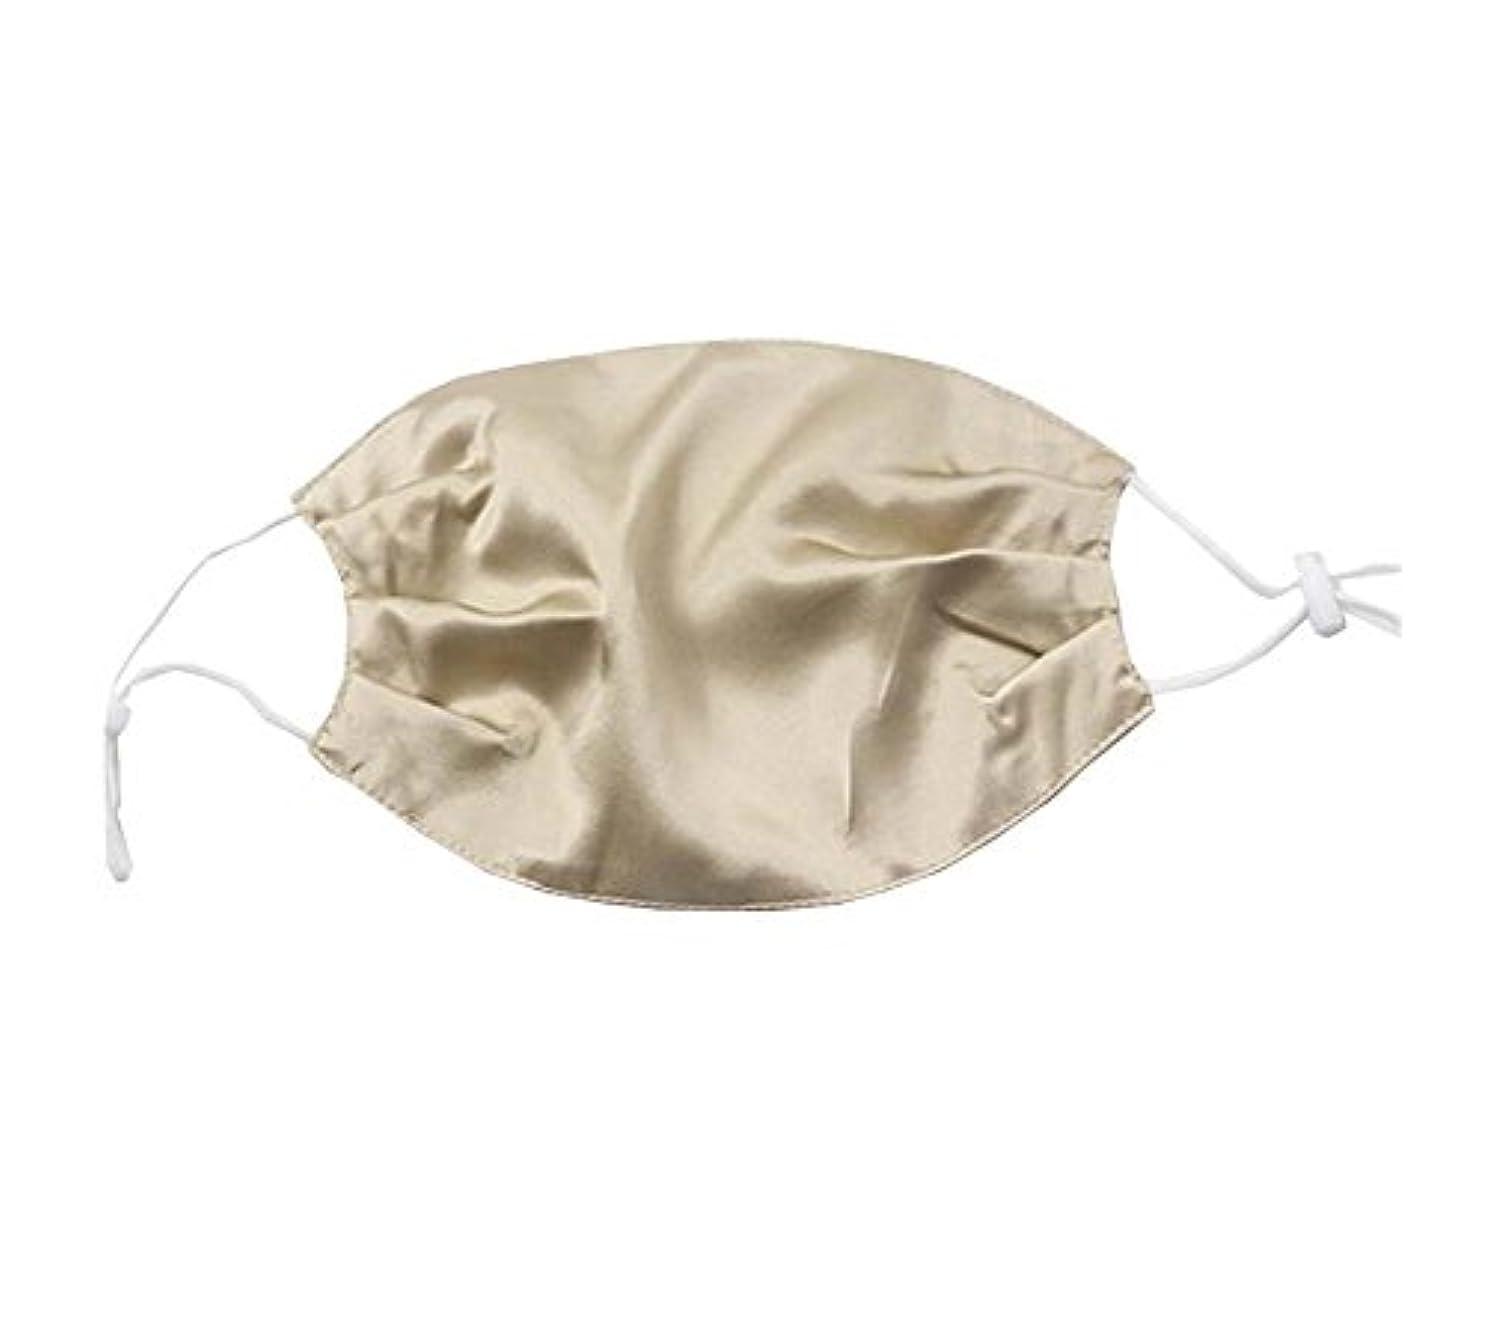 高価な風邪をひくうつ少女と女性のためのエレガントな通気性の柔らかいシルクの口のマスク